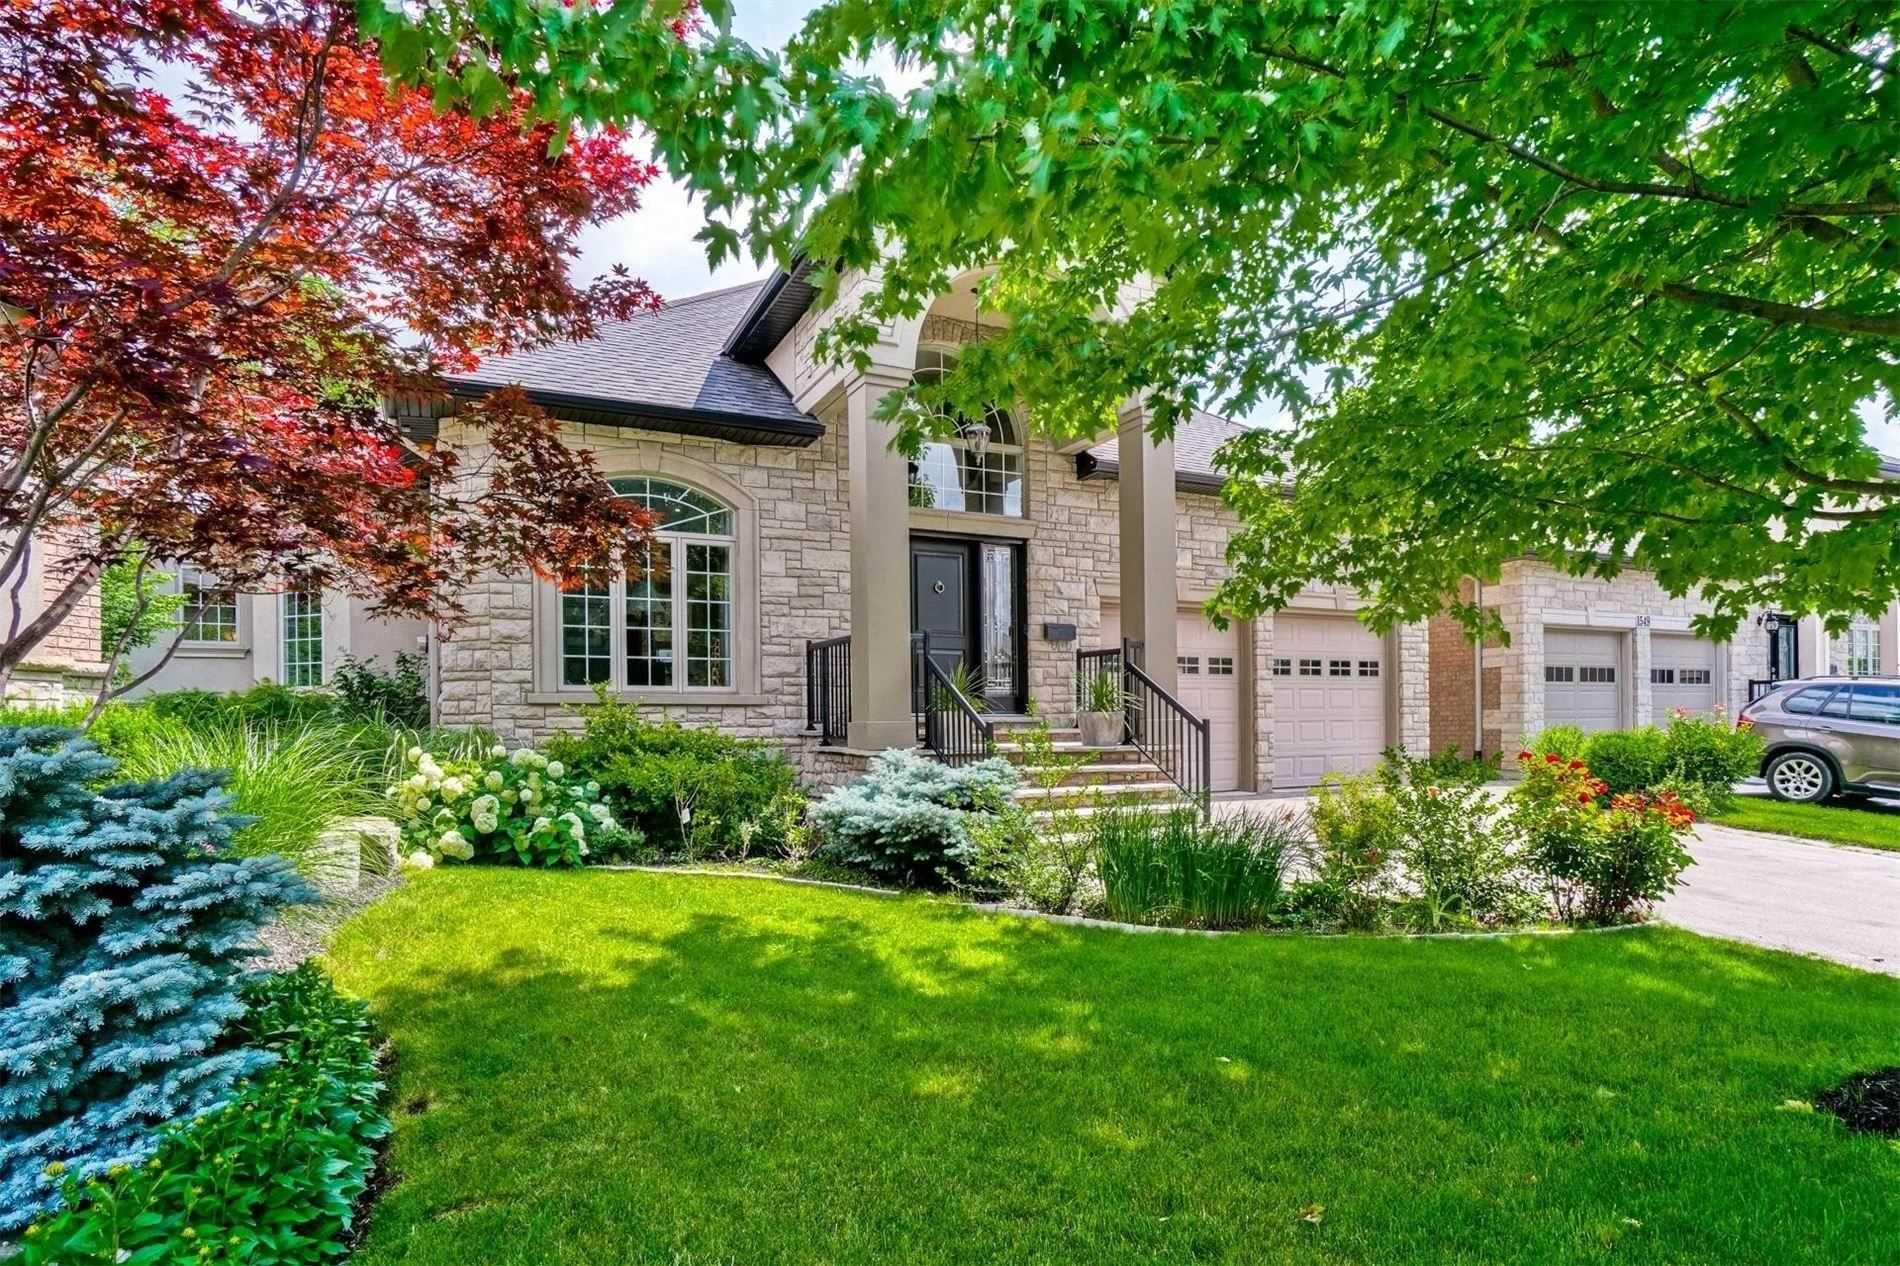 Main Photo: 1553 Destiny Court in Oakville: College Park House (Bungaloft) for sale : MLS®# W5308654